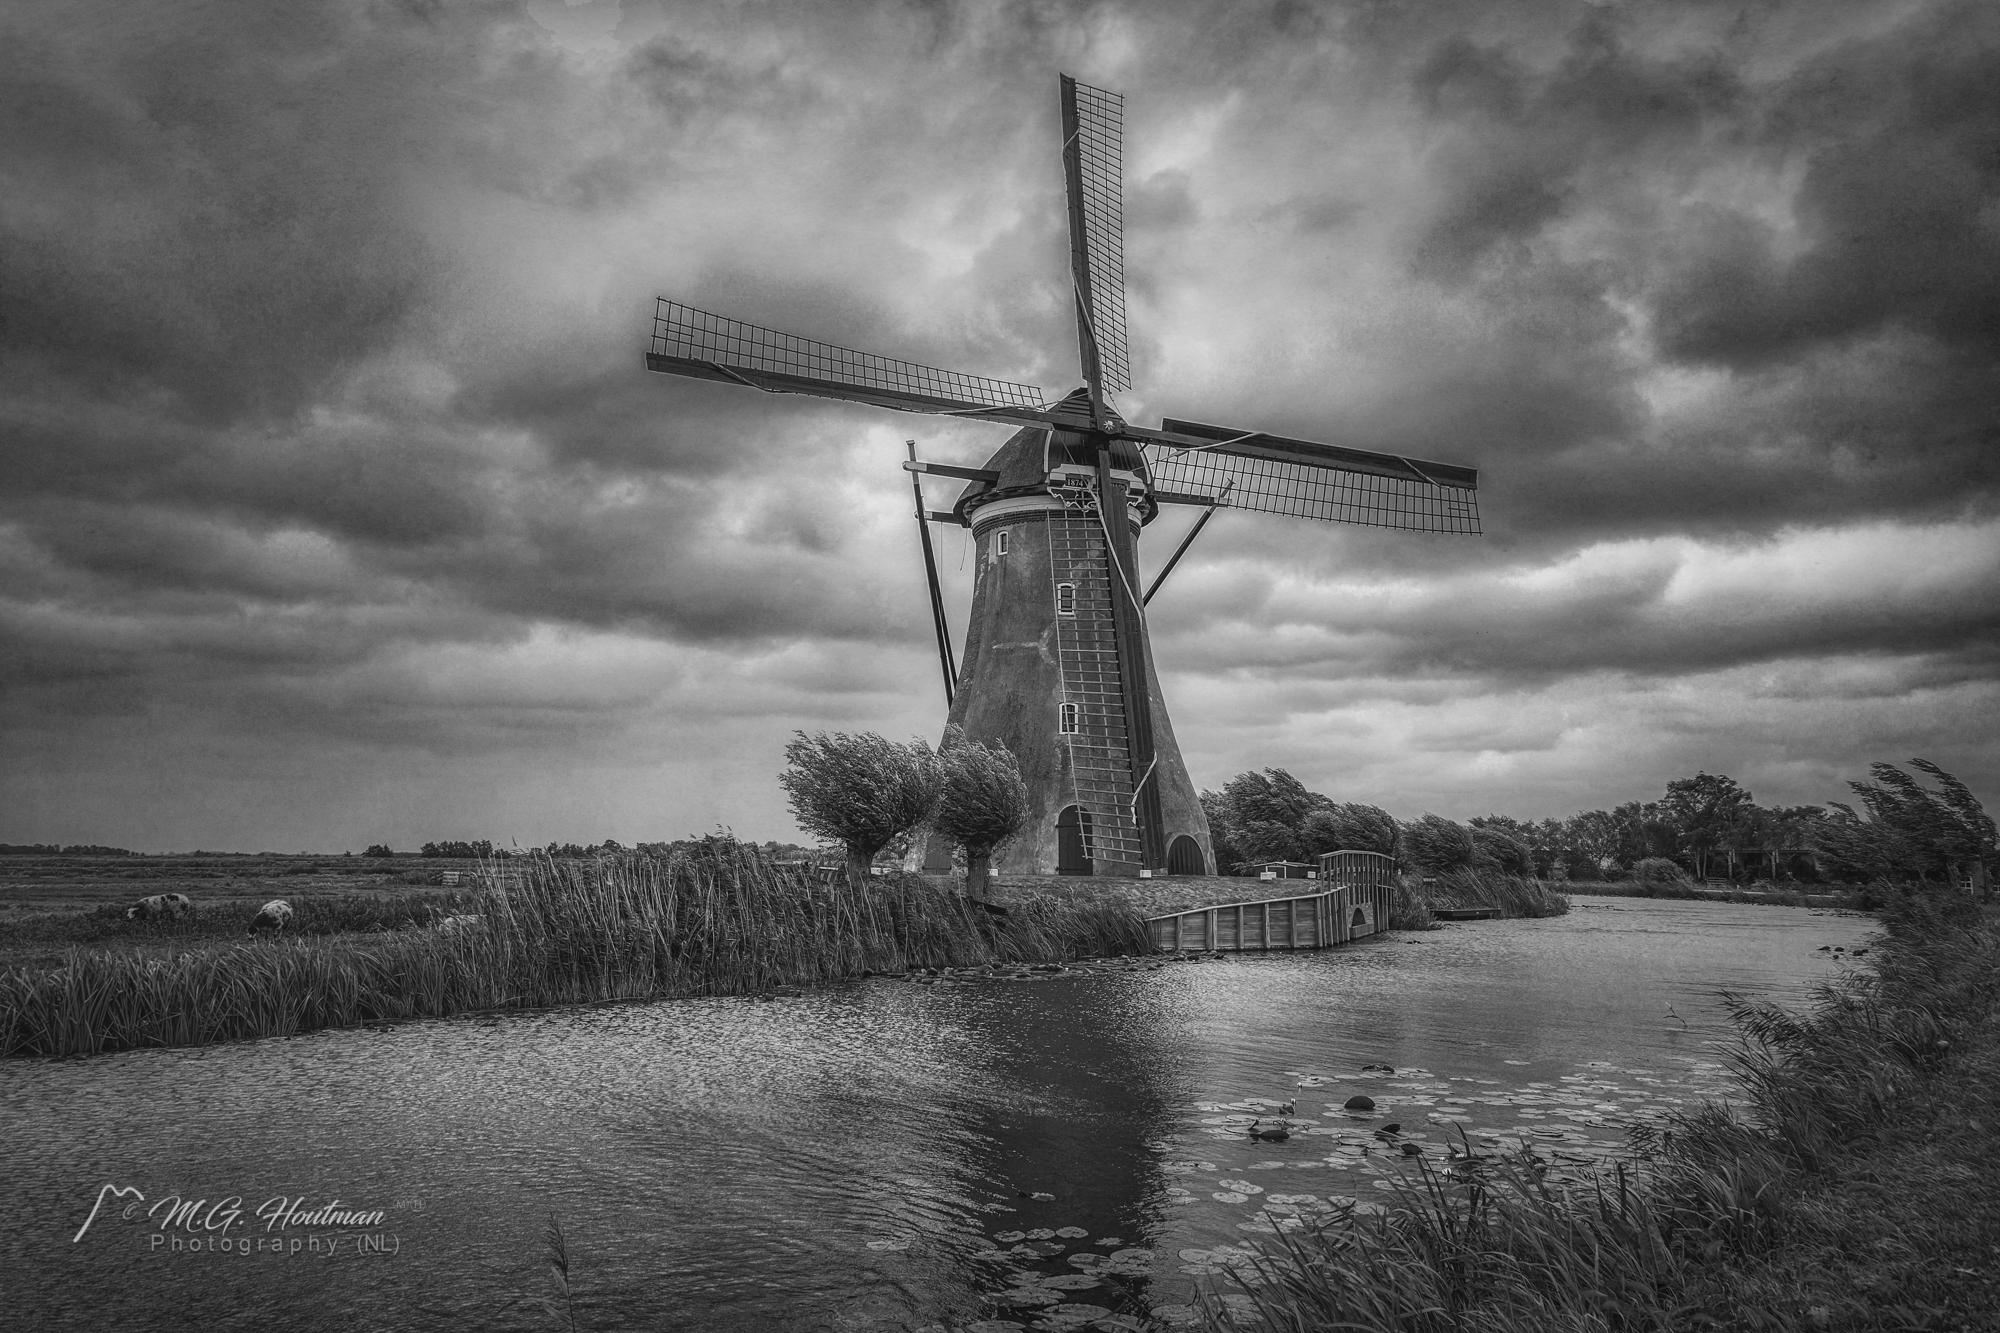 Boezemmolen No. 6 is een windmolen in Haastrecht in de Nederlandse provincie Zuid-Holland. Het is een ronde stenen molen met een uitgesproken klokvorm. Met een vlucht van meer dan dertig meter is dit de molen met de grootste vlucht van Nederland.